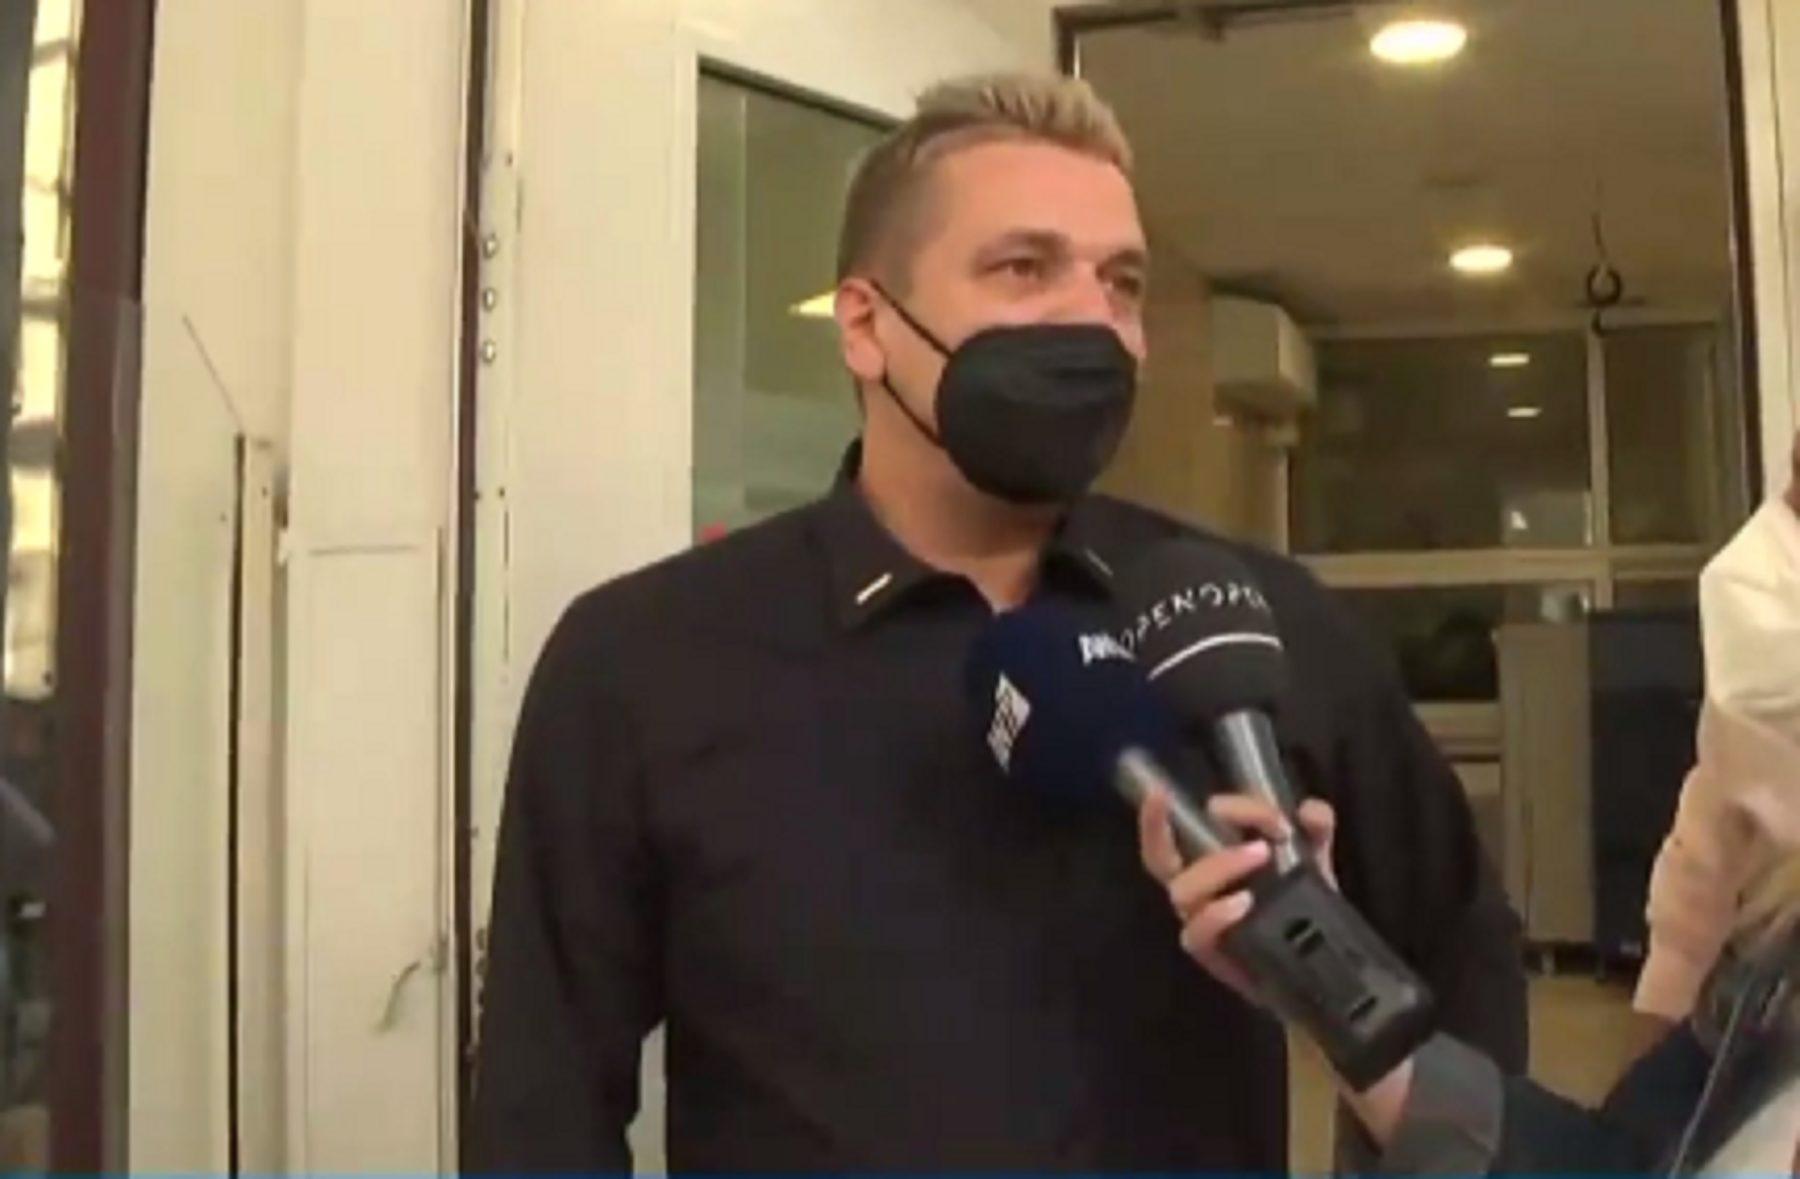 Αλέξης Πρεβενάς: Ο τραγουδιστής του Voice σπάει τη σιωπή του για τα ναρκωτικά